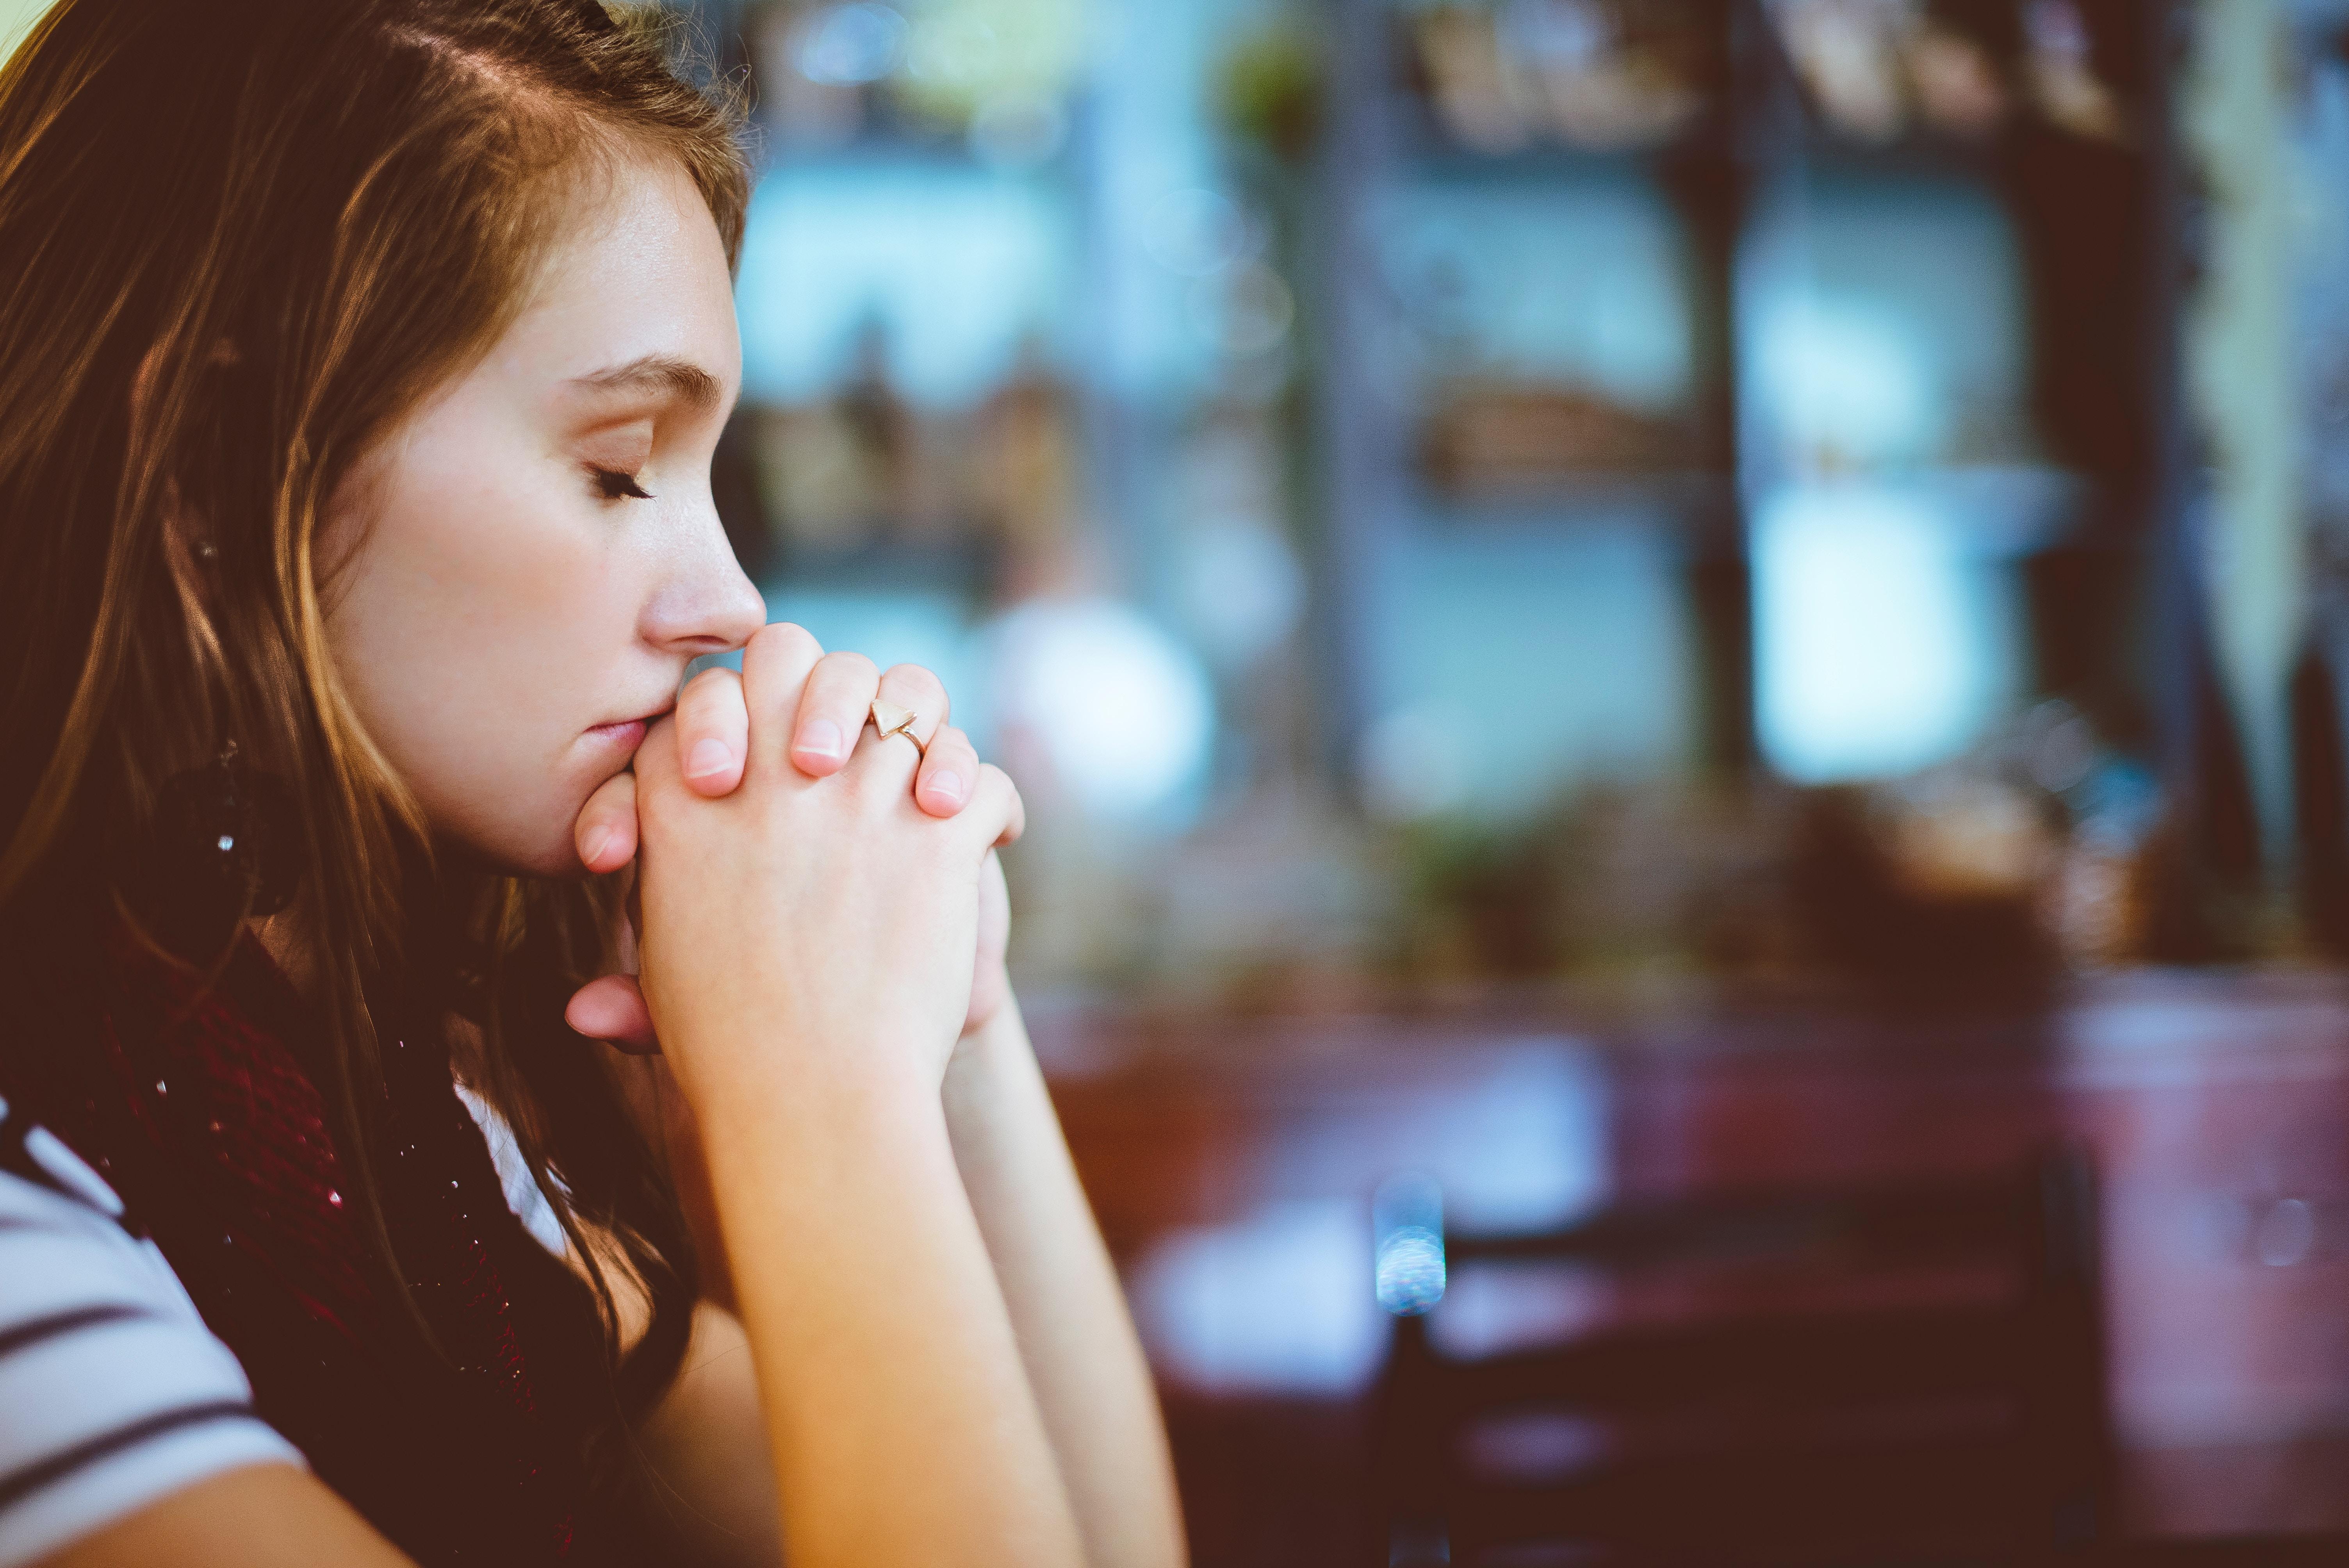 Grieving as a Single Parent